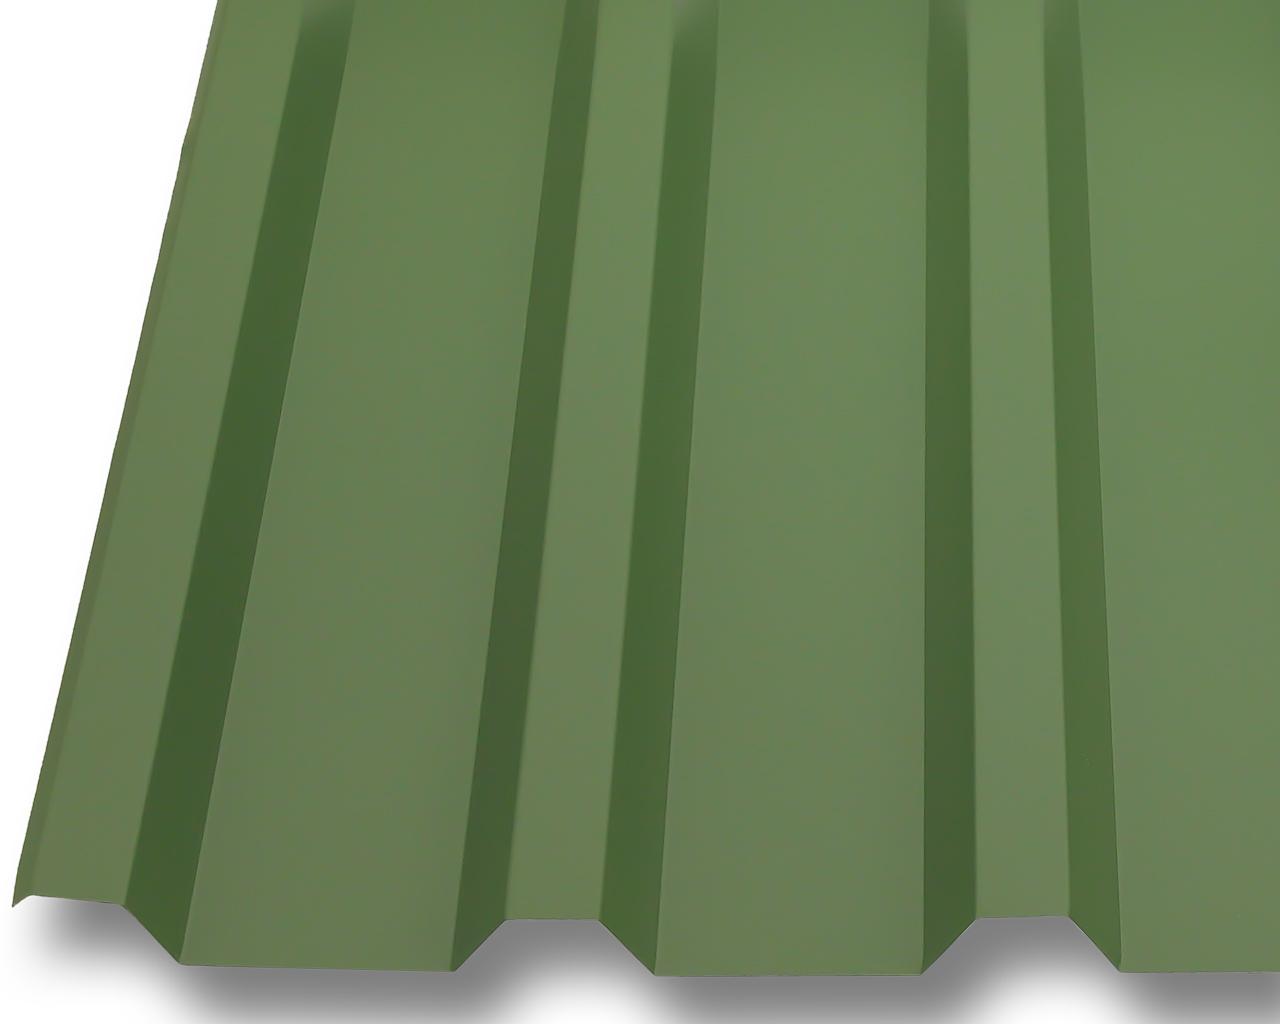 profilblech trapezblech dachplatten wellblech stahl neu 0 5mm dach 25 m gr n ebay. Black Bedroom Furniture Sets. Home Design Ideas